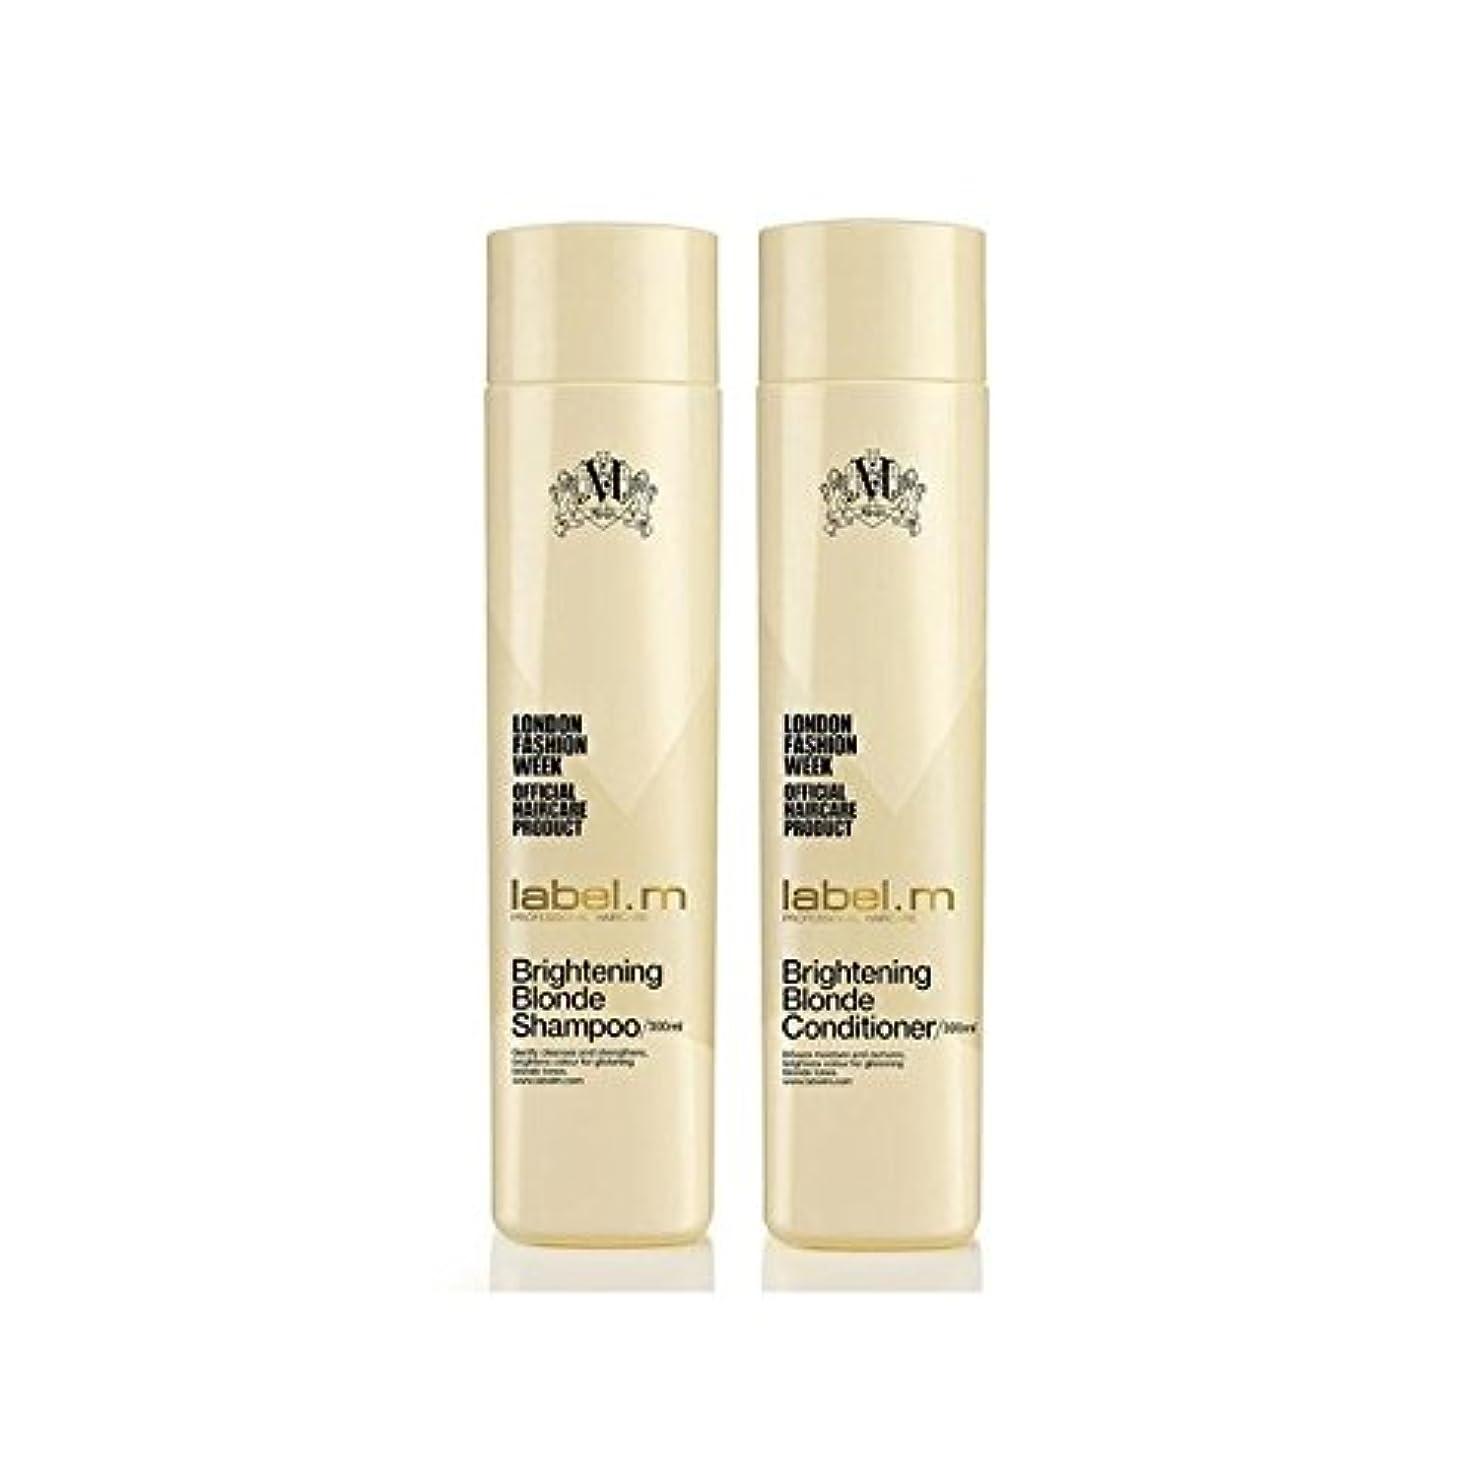 同化不誠実望まない.ブロンドシャンプー及びコンディショナー(300ミリリットル)デュオを明るく x4 - Label.M Brightening Blonde Shampoo And Conditioner (300ml) Duo (Pack of 4) [並行輸入品]